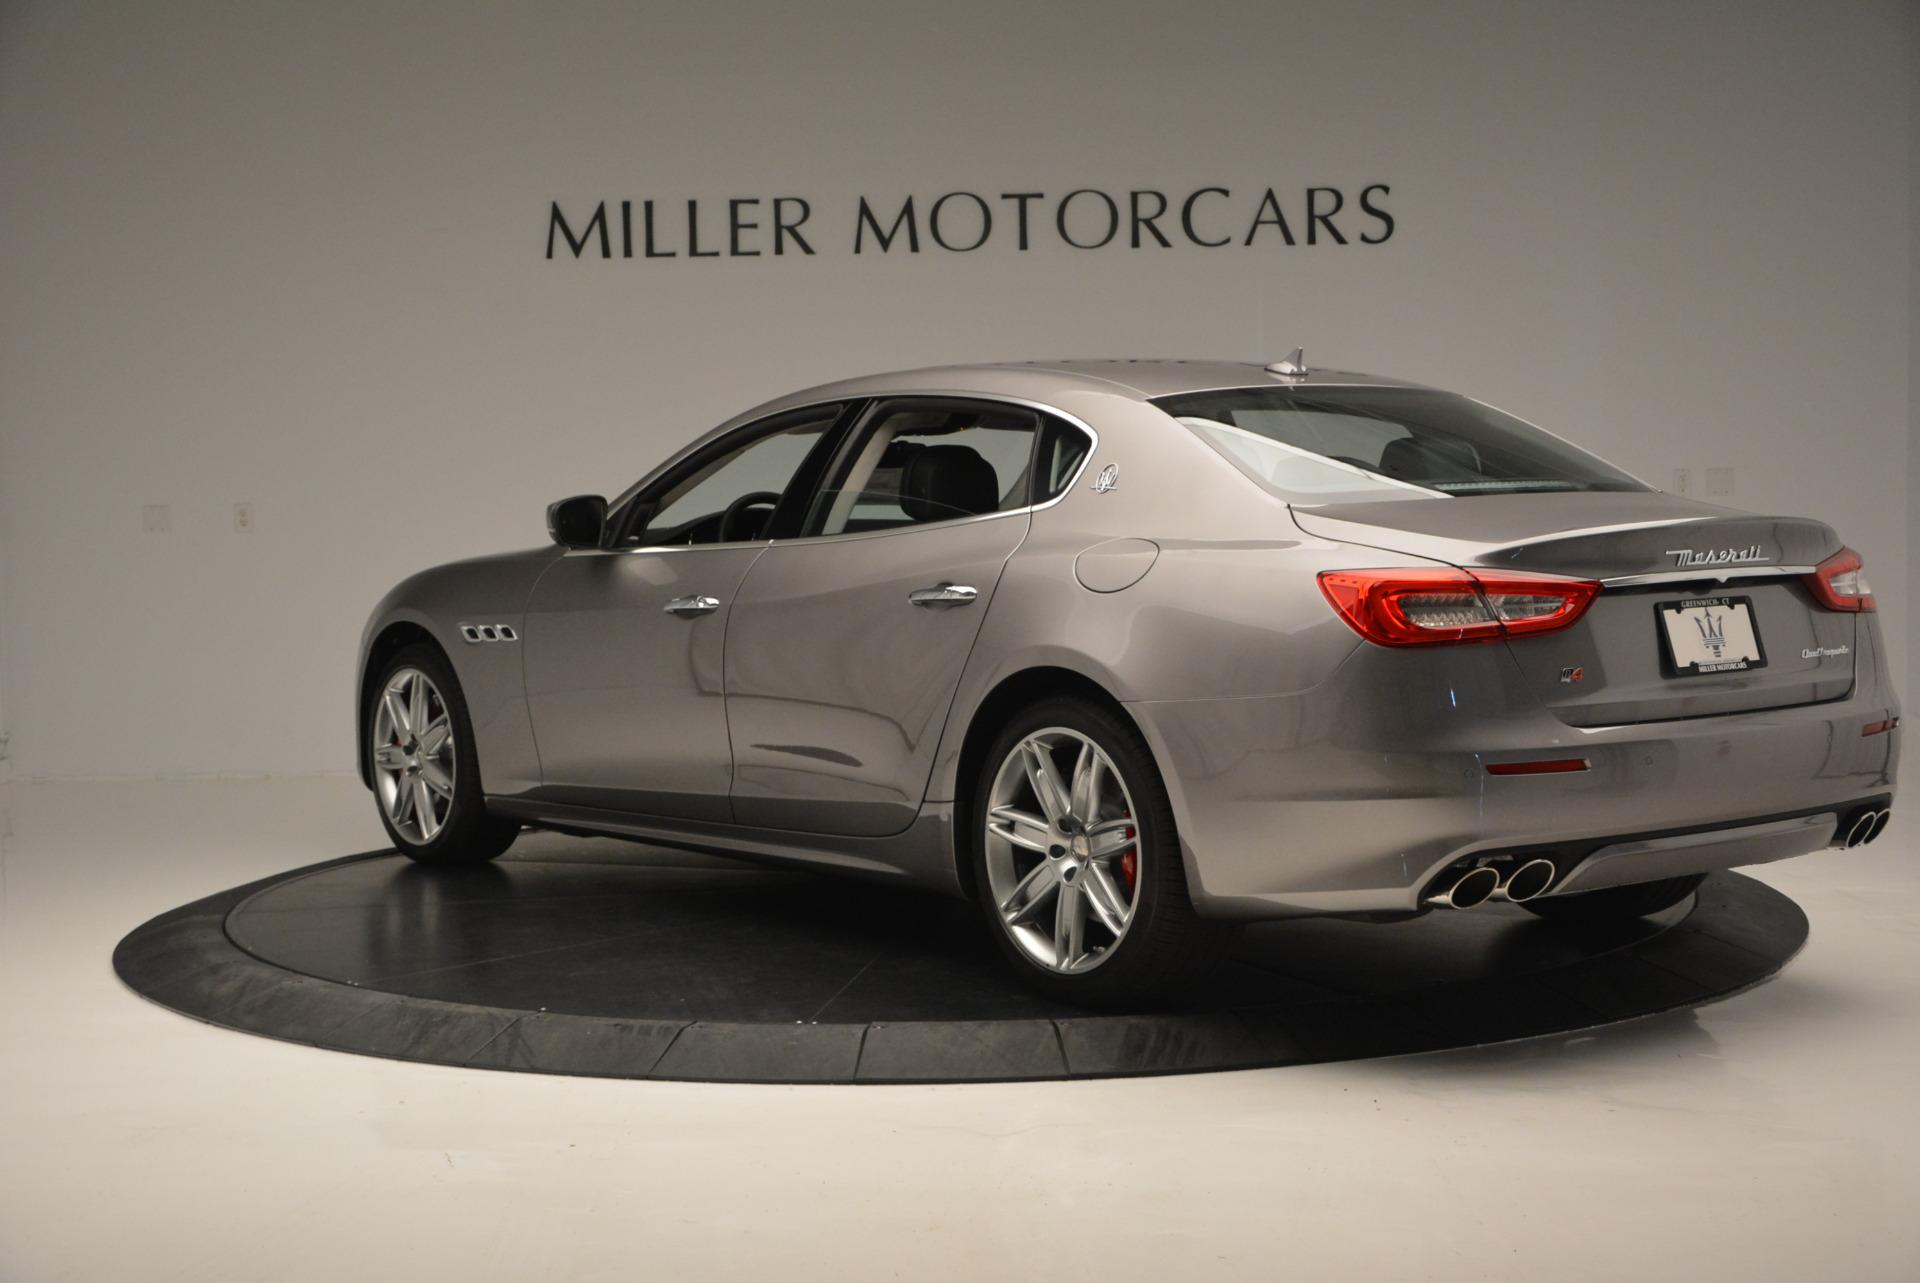 New 2017 Maserati Quattroporte S Q4 GranLusso For Sale In Greenwich, CT. Alfa Romeo of Greenwich, M1686 611_p5